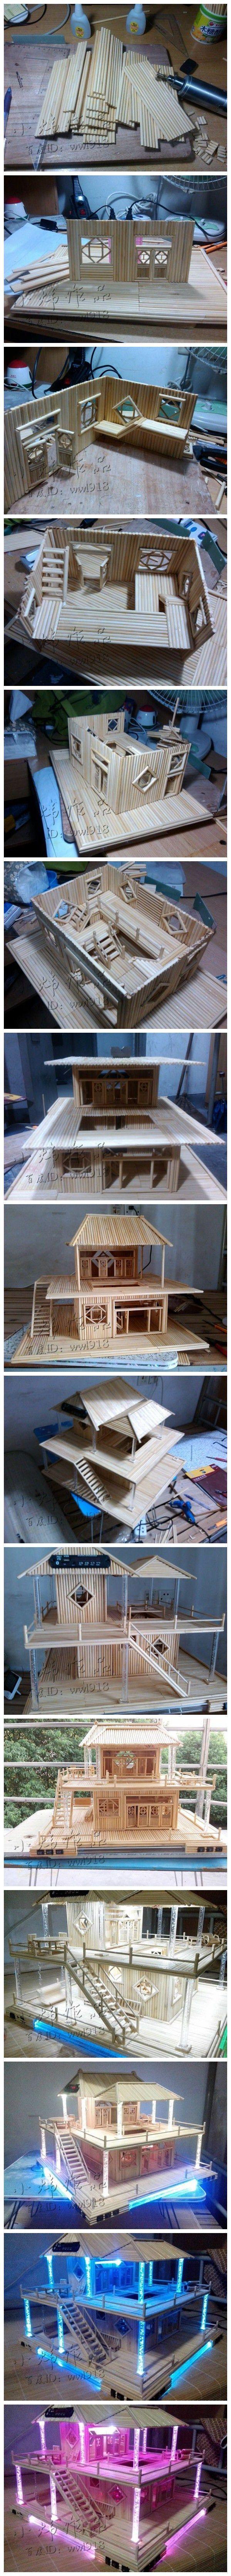 Modelos de casas com palitos.